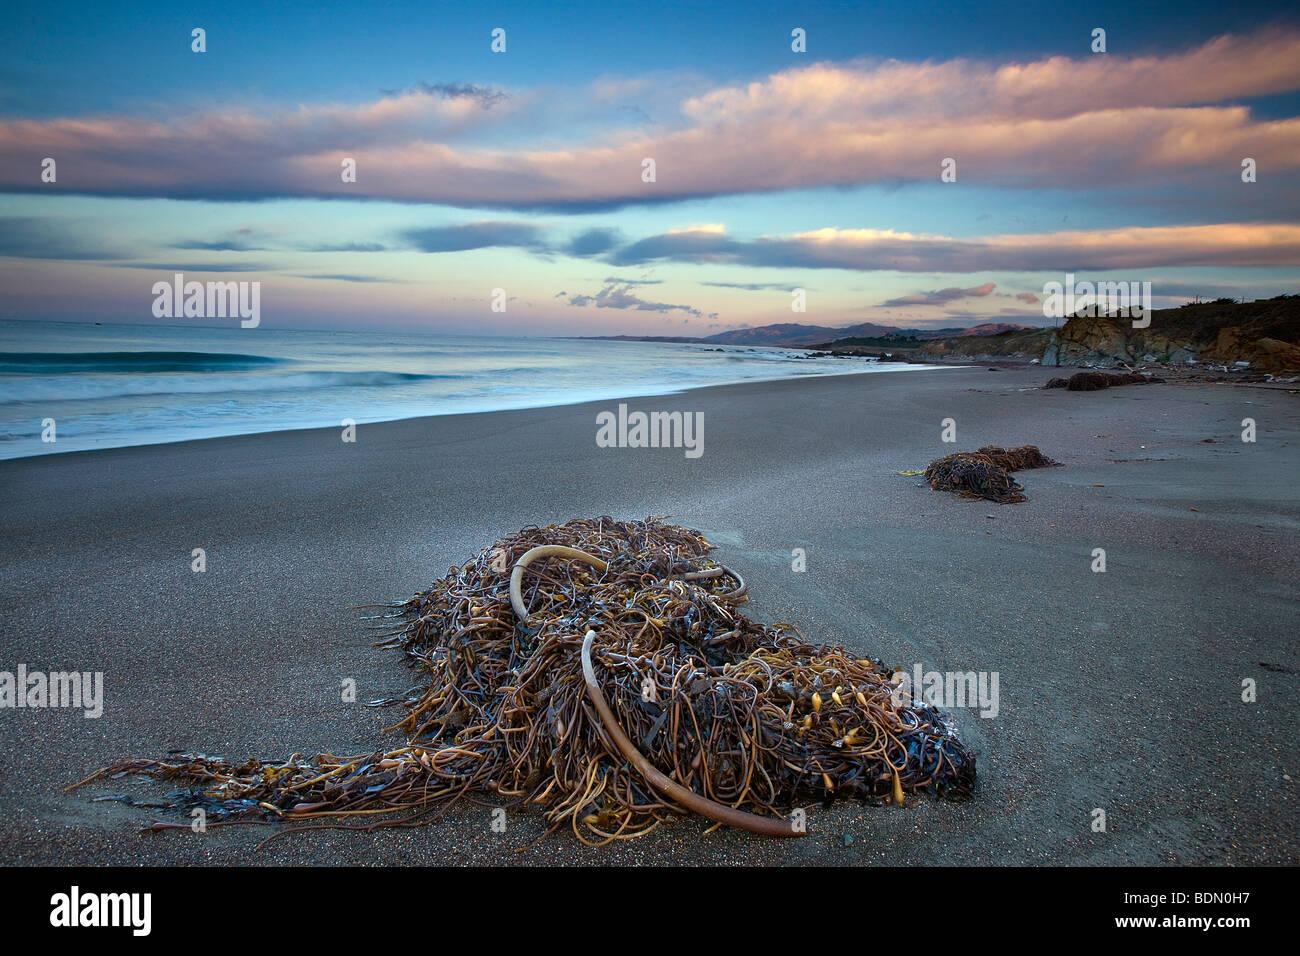 Murió de algas marinas y amanecer, Moonstone Beach, Cambria, Big Sur, California, Estados Unidos. Imagen De Stock